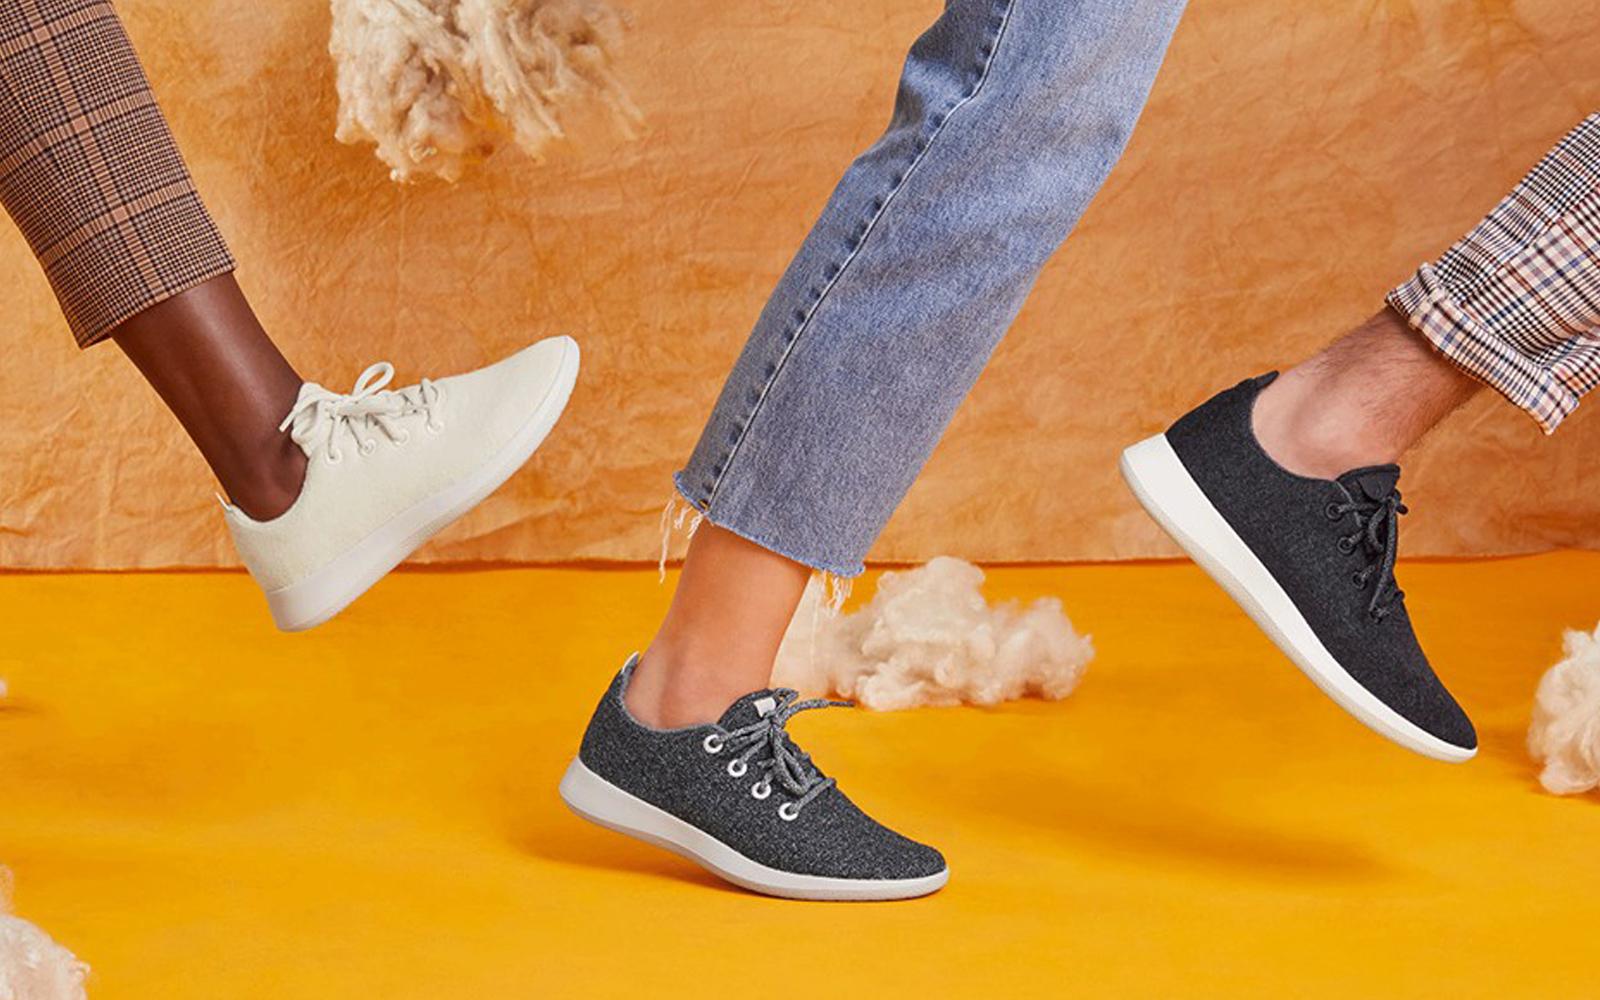 理然、Tabula Rasa、宸帆和跨境快时尚品牌集团「细刻」获融资;珀莱雅去年营收 37.52 亿元 | 品牌日报